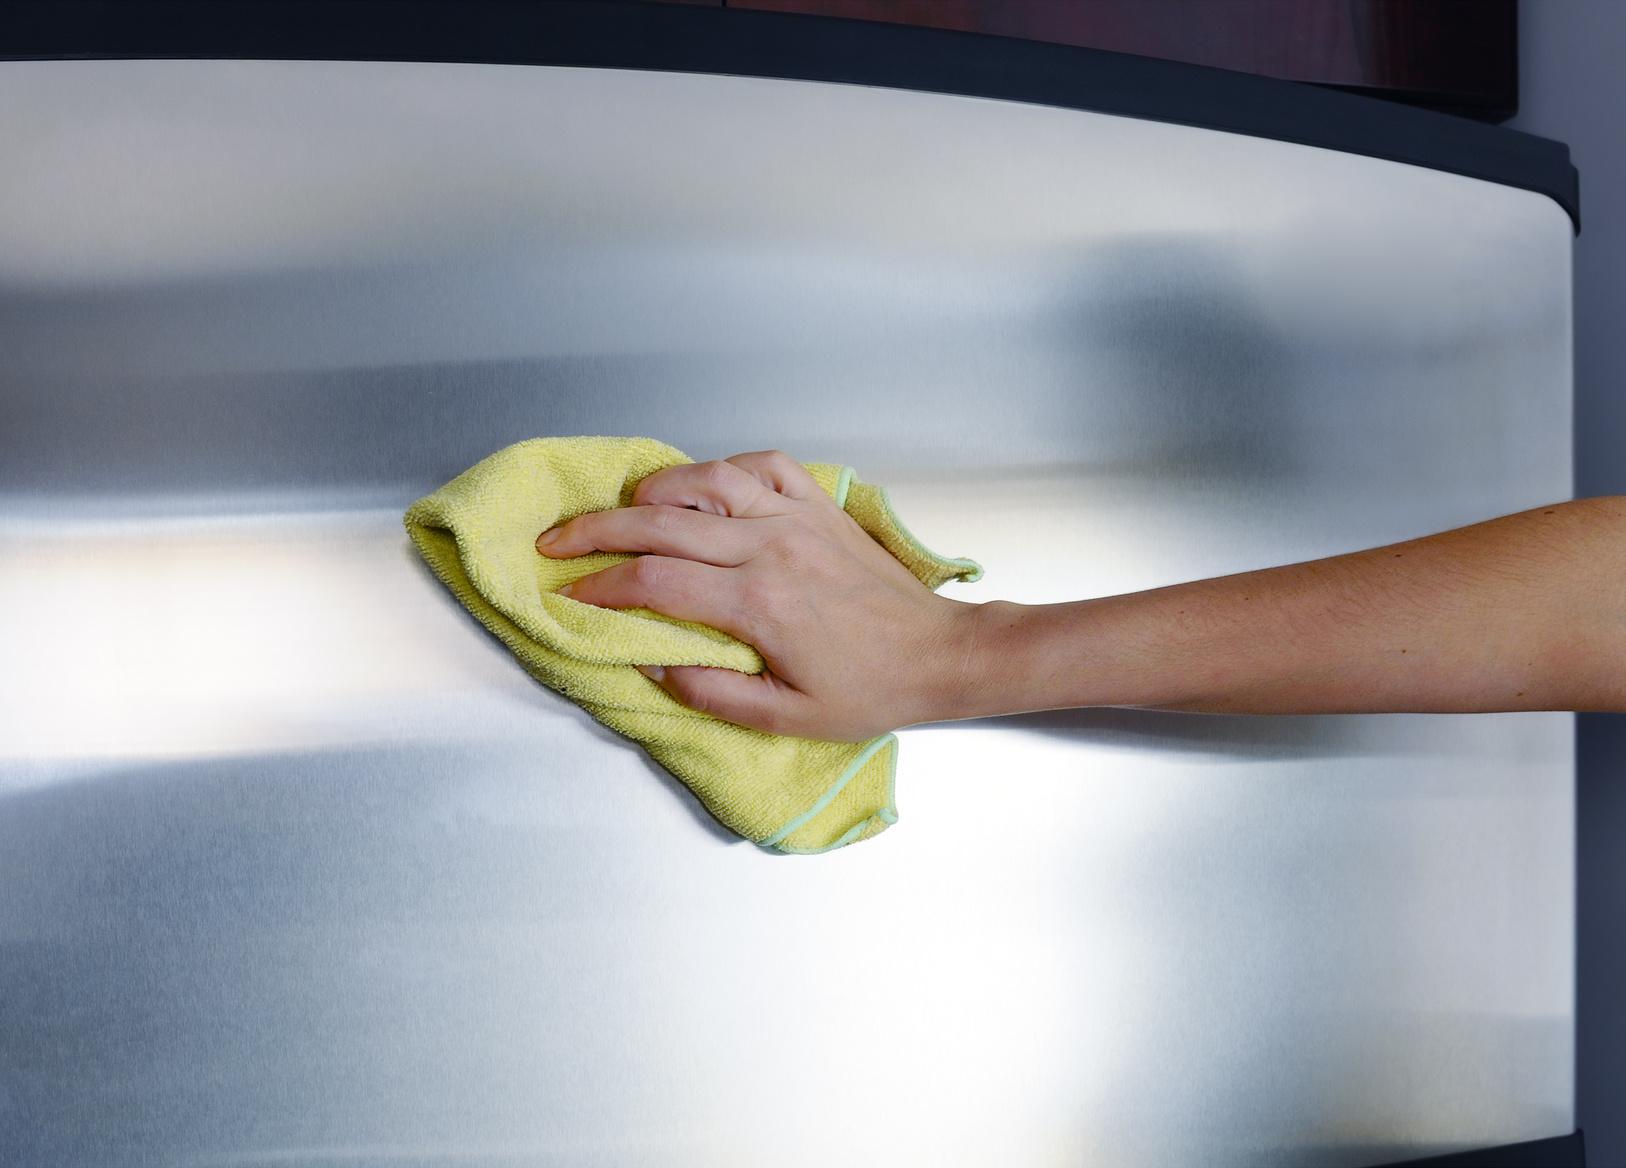 Jakich środków użyć do czyszczenia i polerowania stali nierdzewnej?